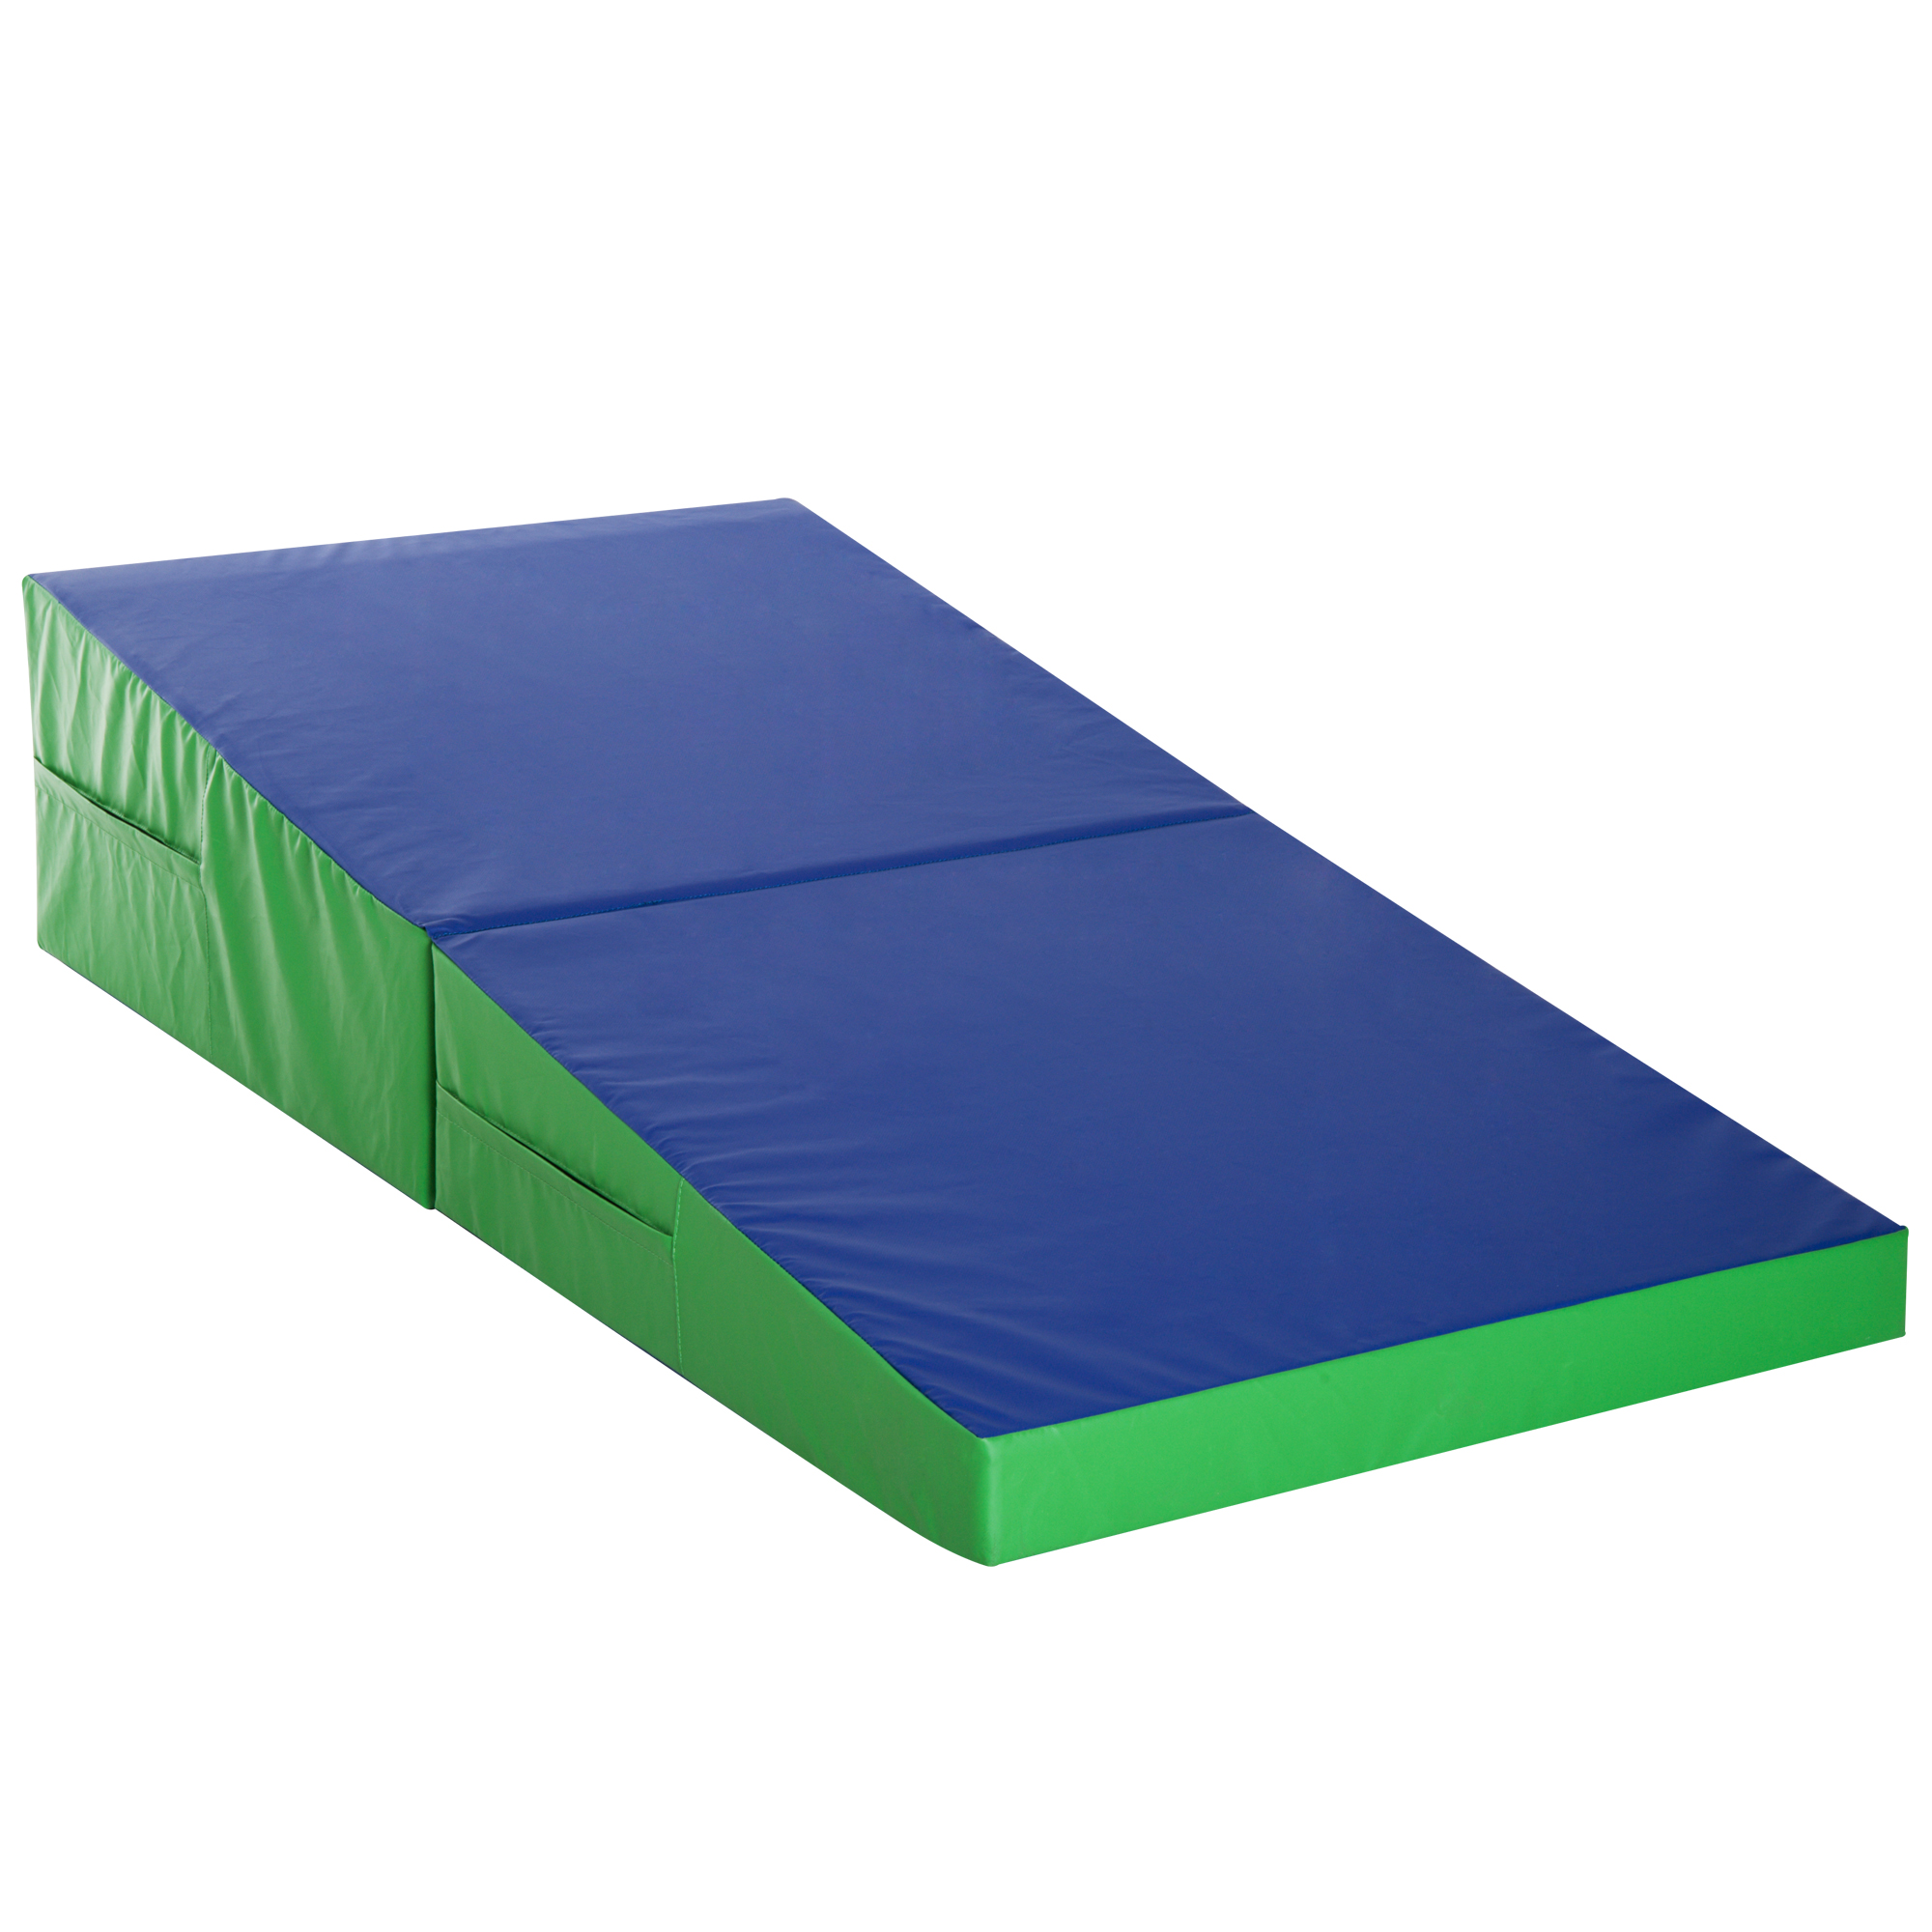 Homcom Saltea Training Pliabila pentru Fitness Gimnastica Artistica, Albastru verde, 180x90x40cm imagine aosom.ro